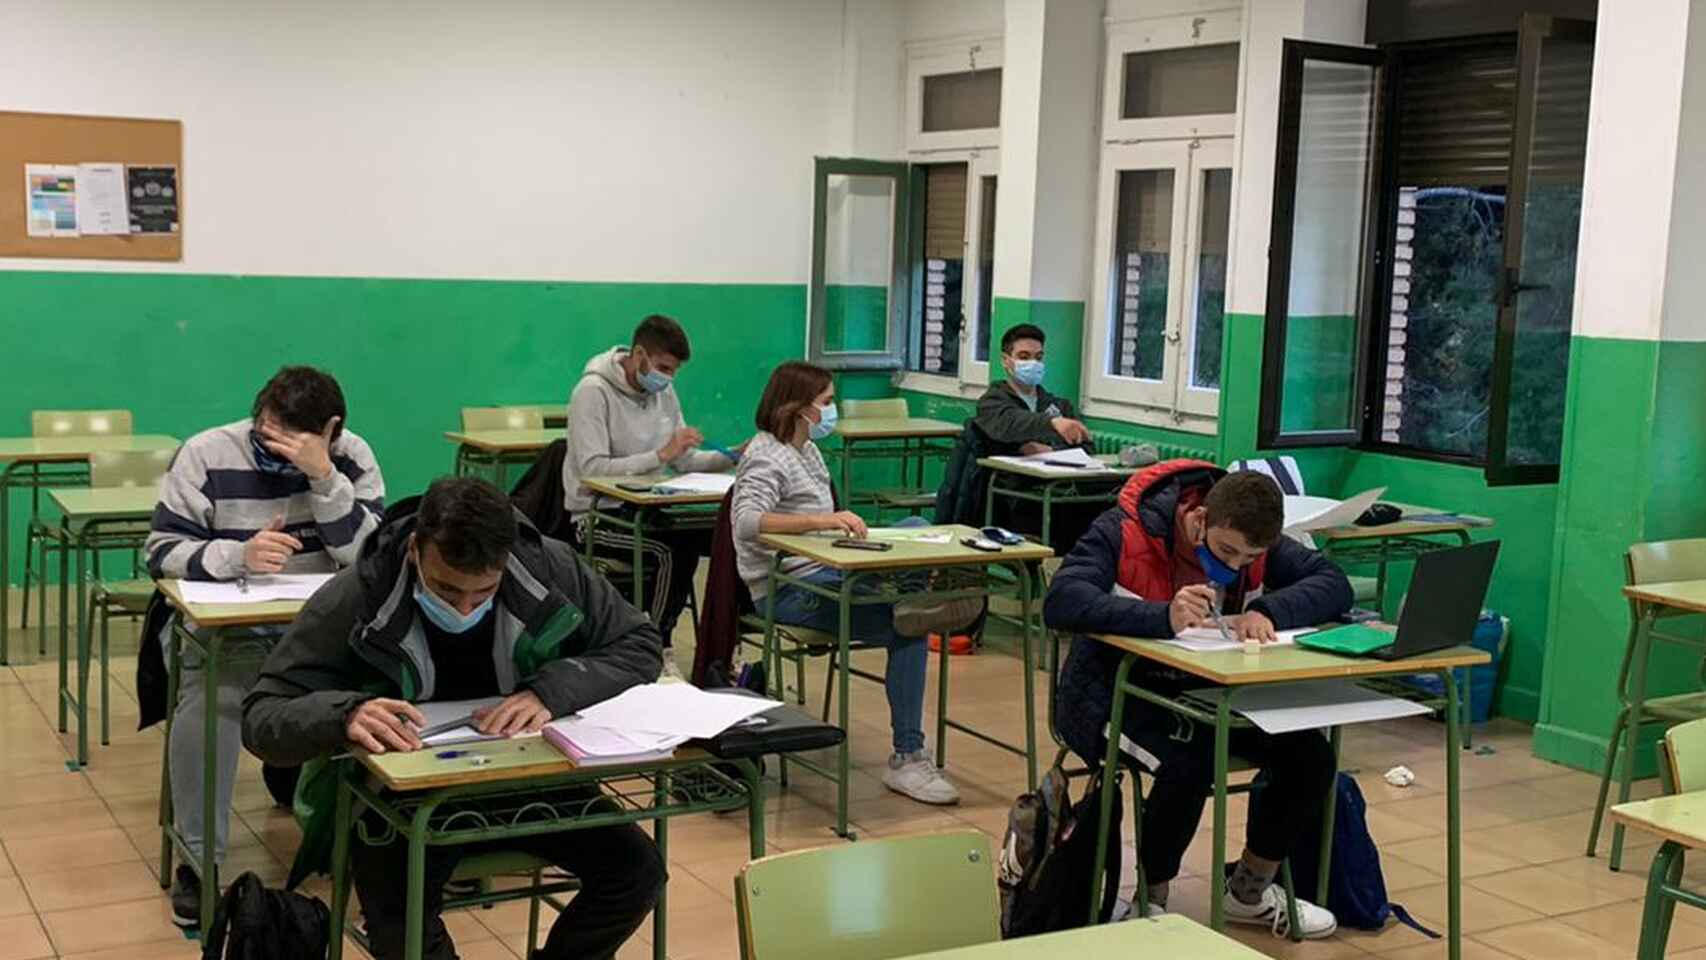 CGT pide a Educación que revise los protocolos educativos de los municipios más afectados por el Covid-19